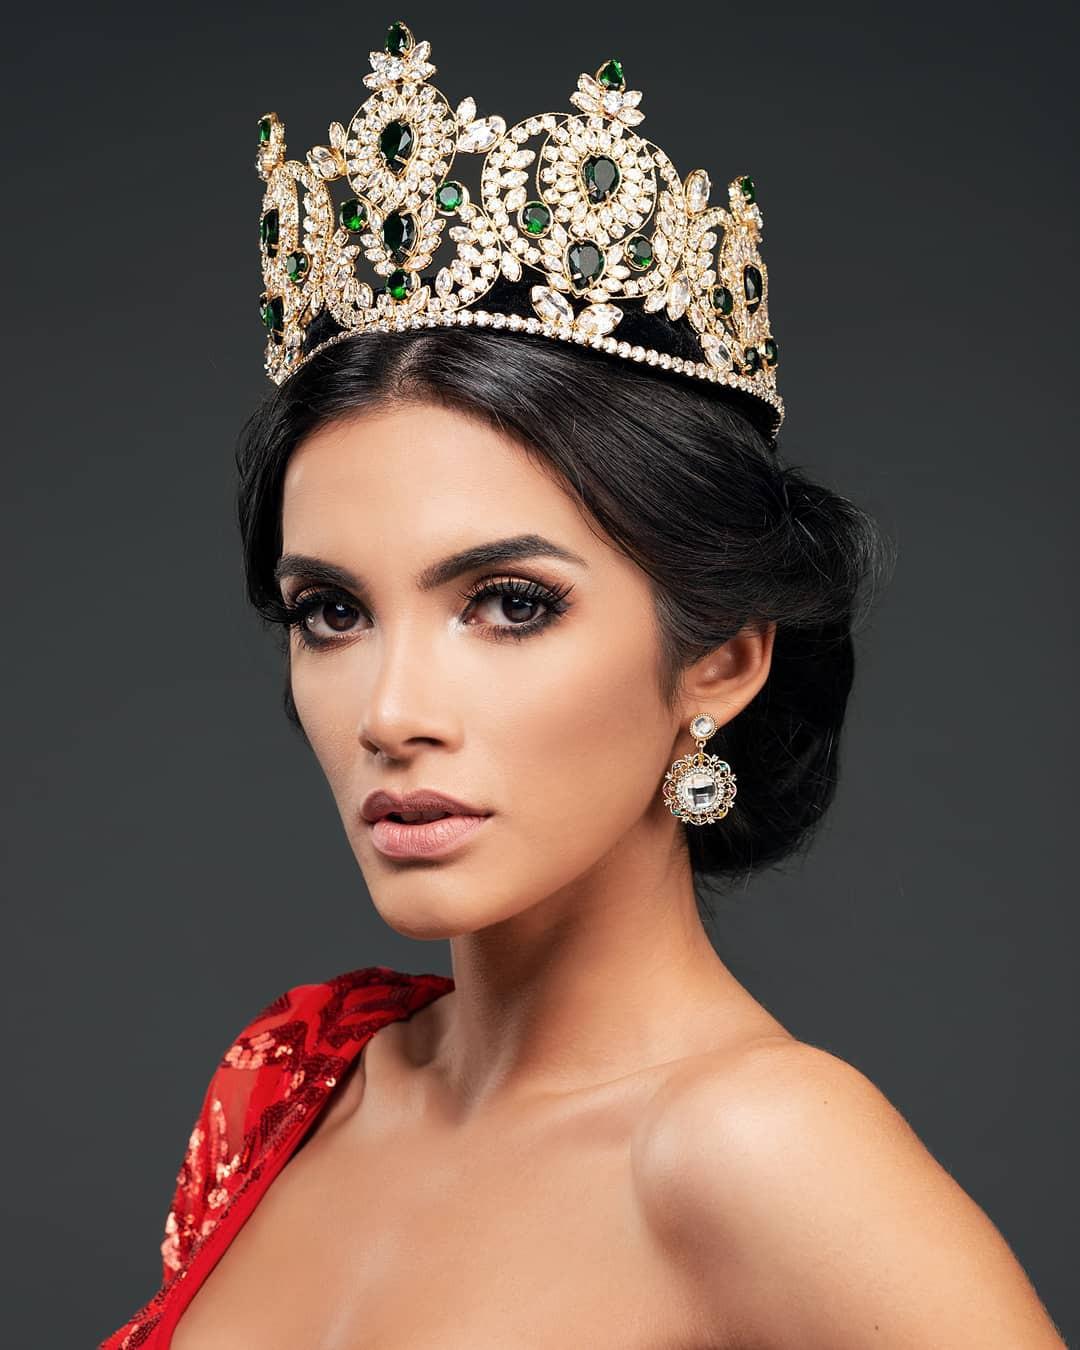 Tân Hoa hậu ngất xỉu: Đẹp như nữ thần Hy Lạp, nhưng bất ngờ hơn là body và profile không vừa của cô-1